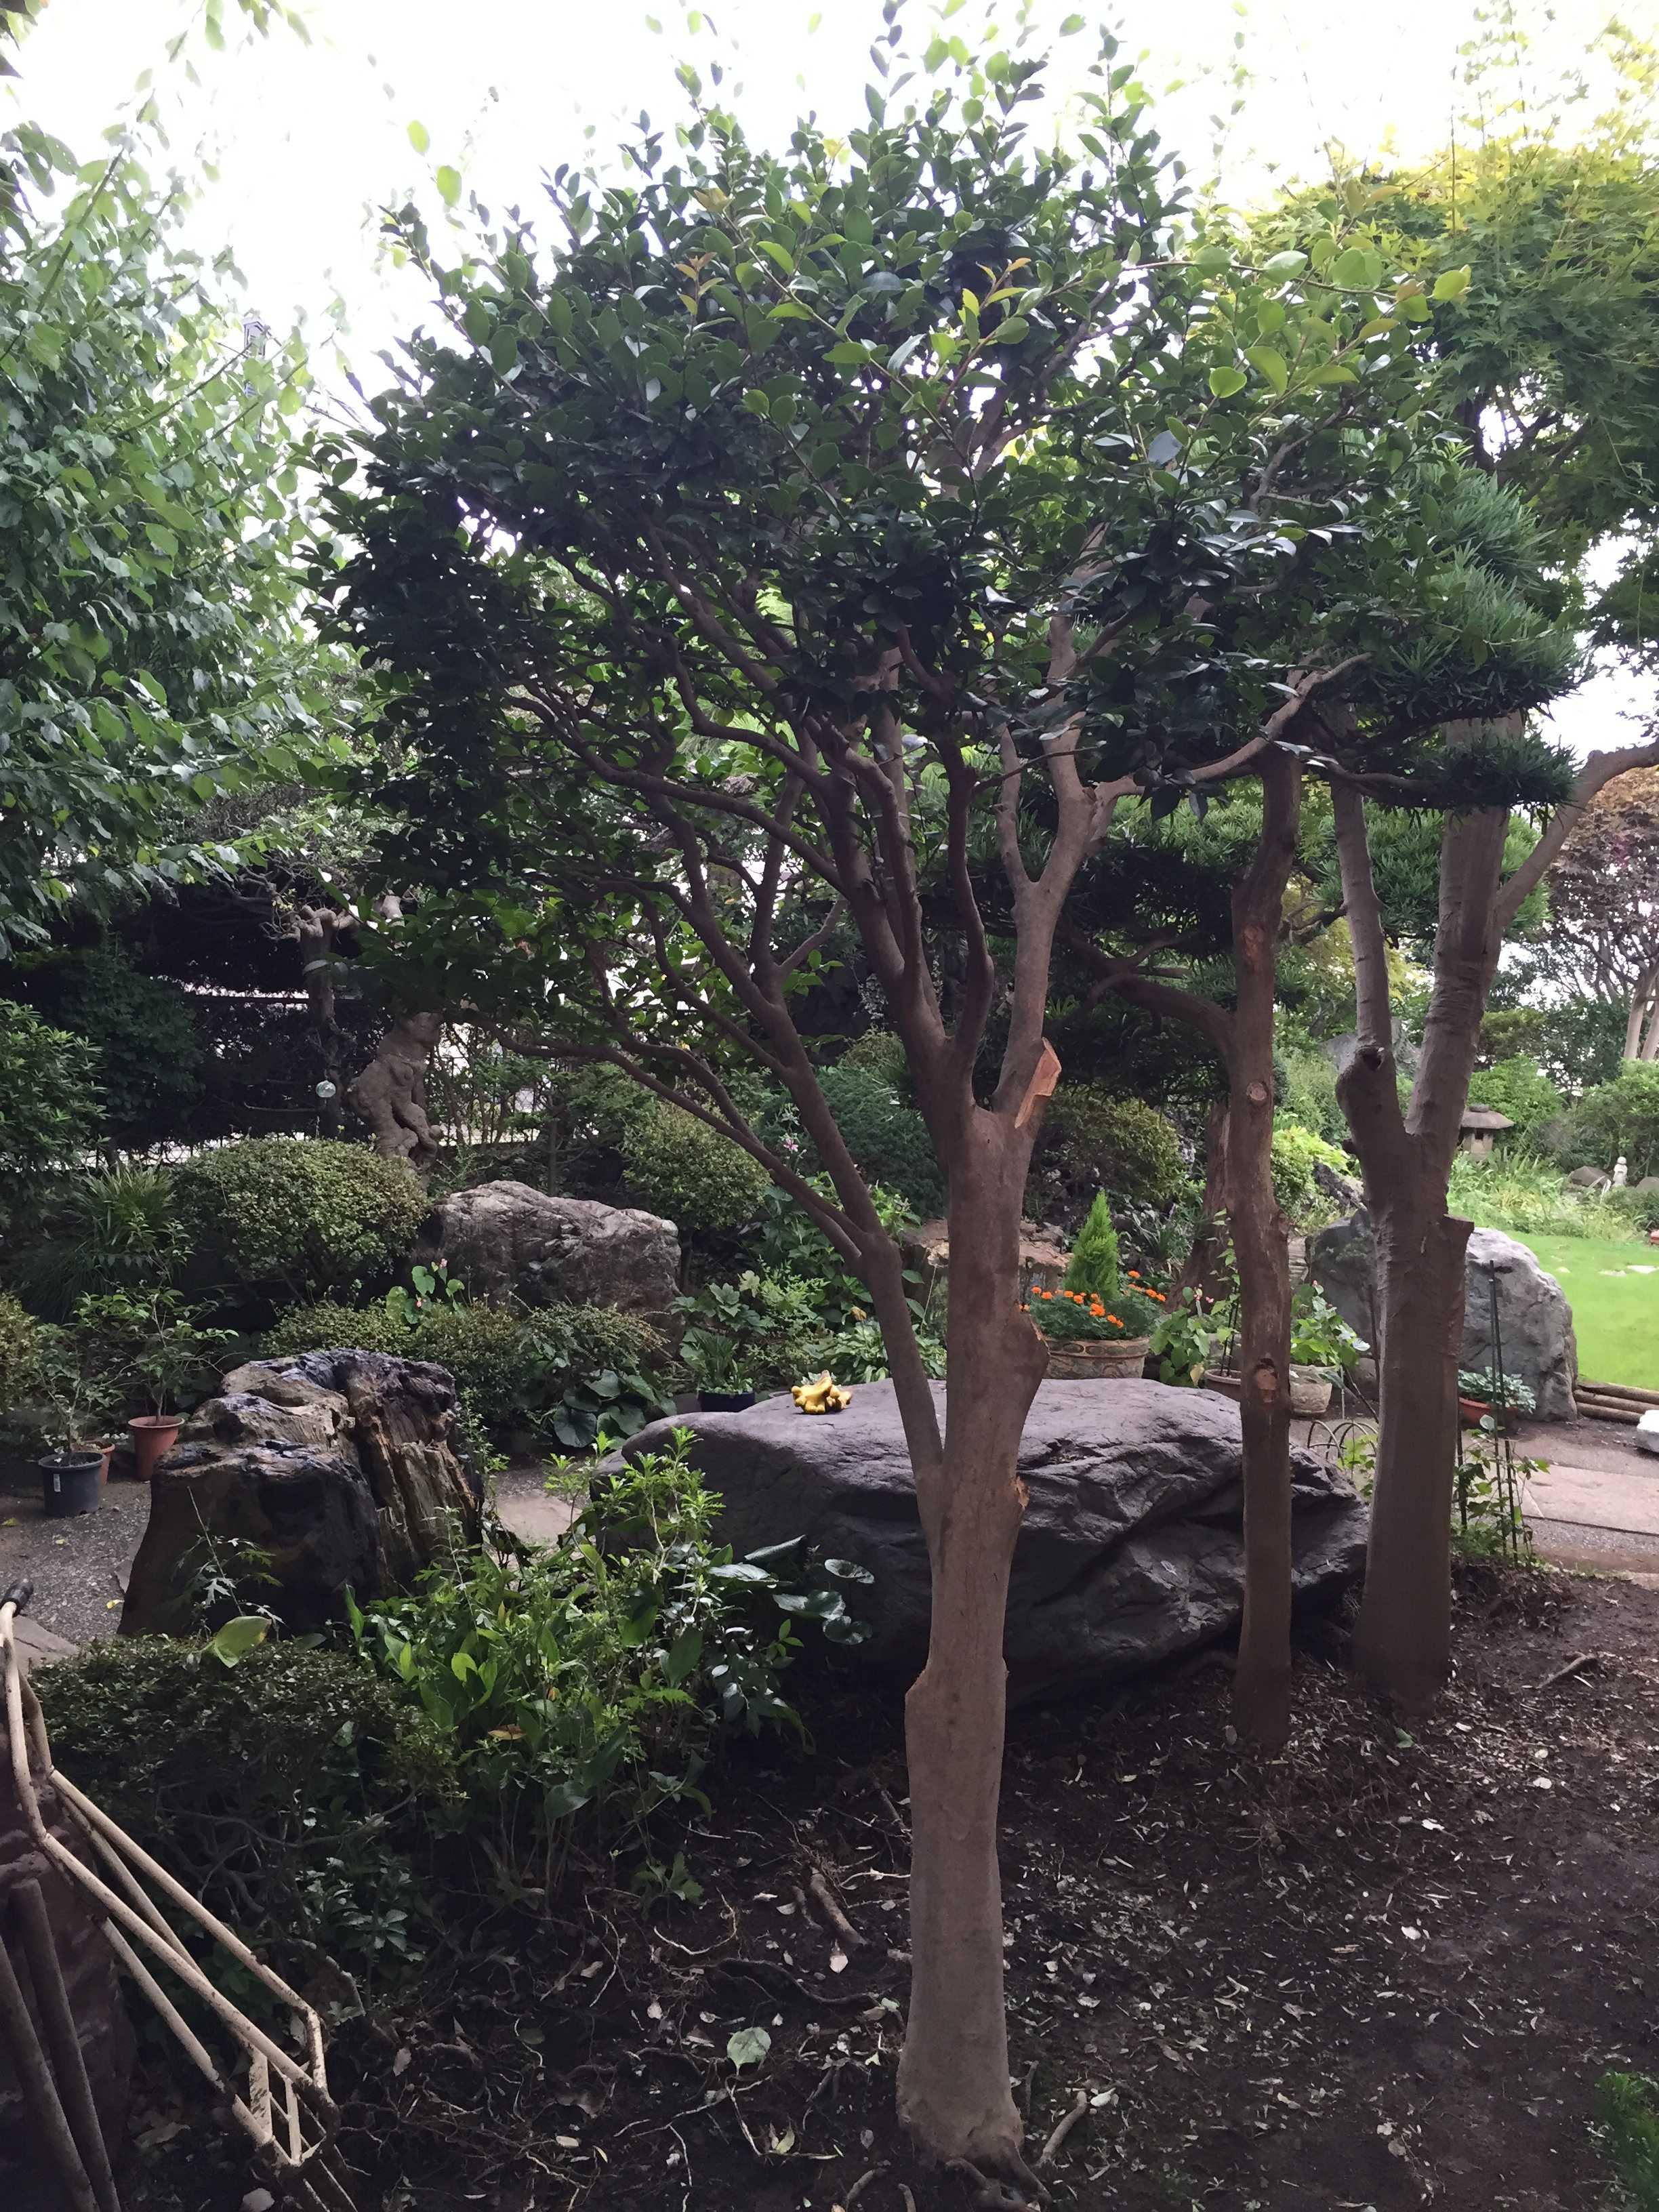 伐採(根元から樹木を切り倒す作業)する椿の木